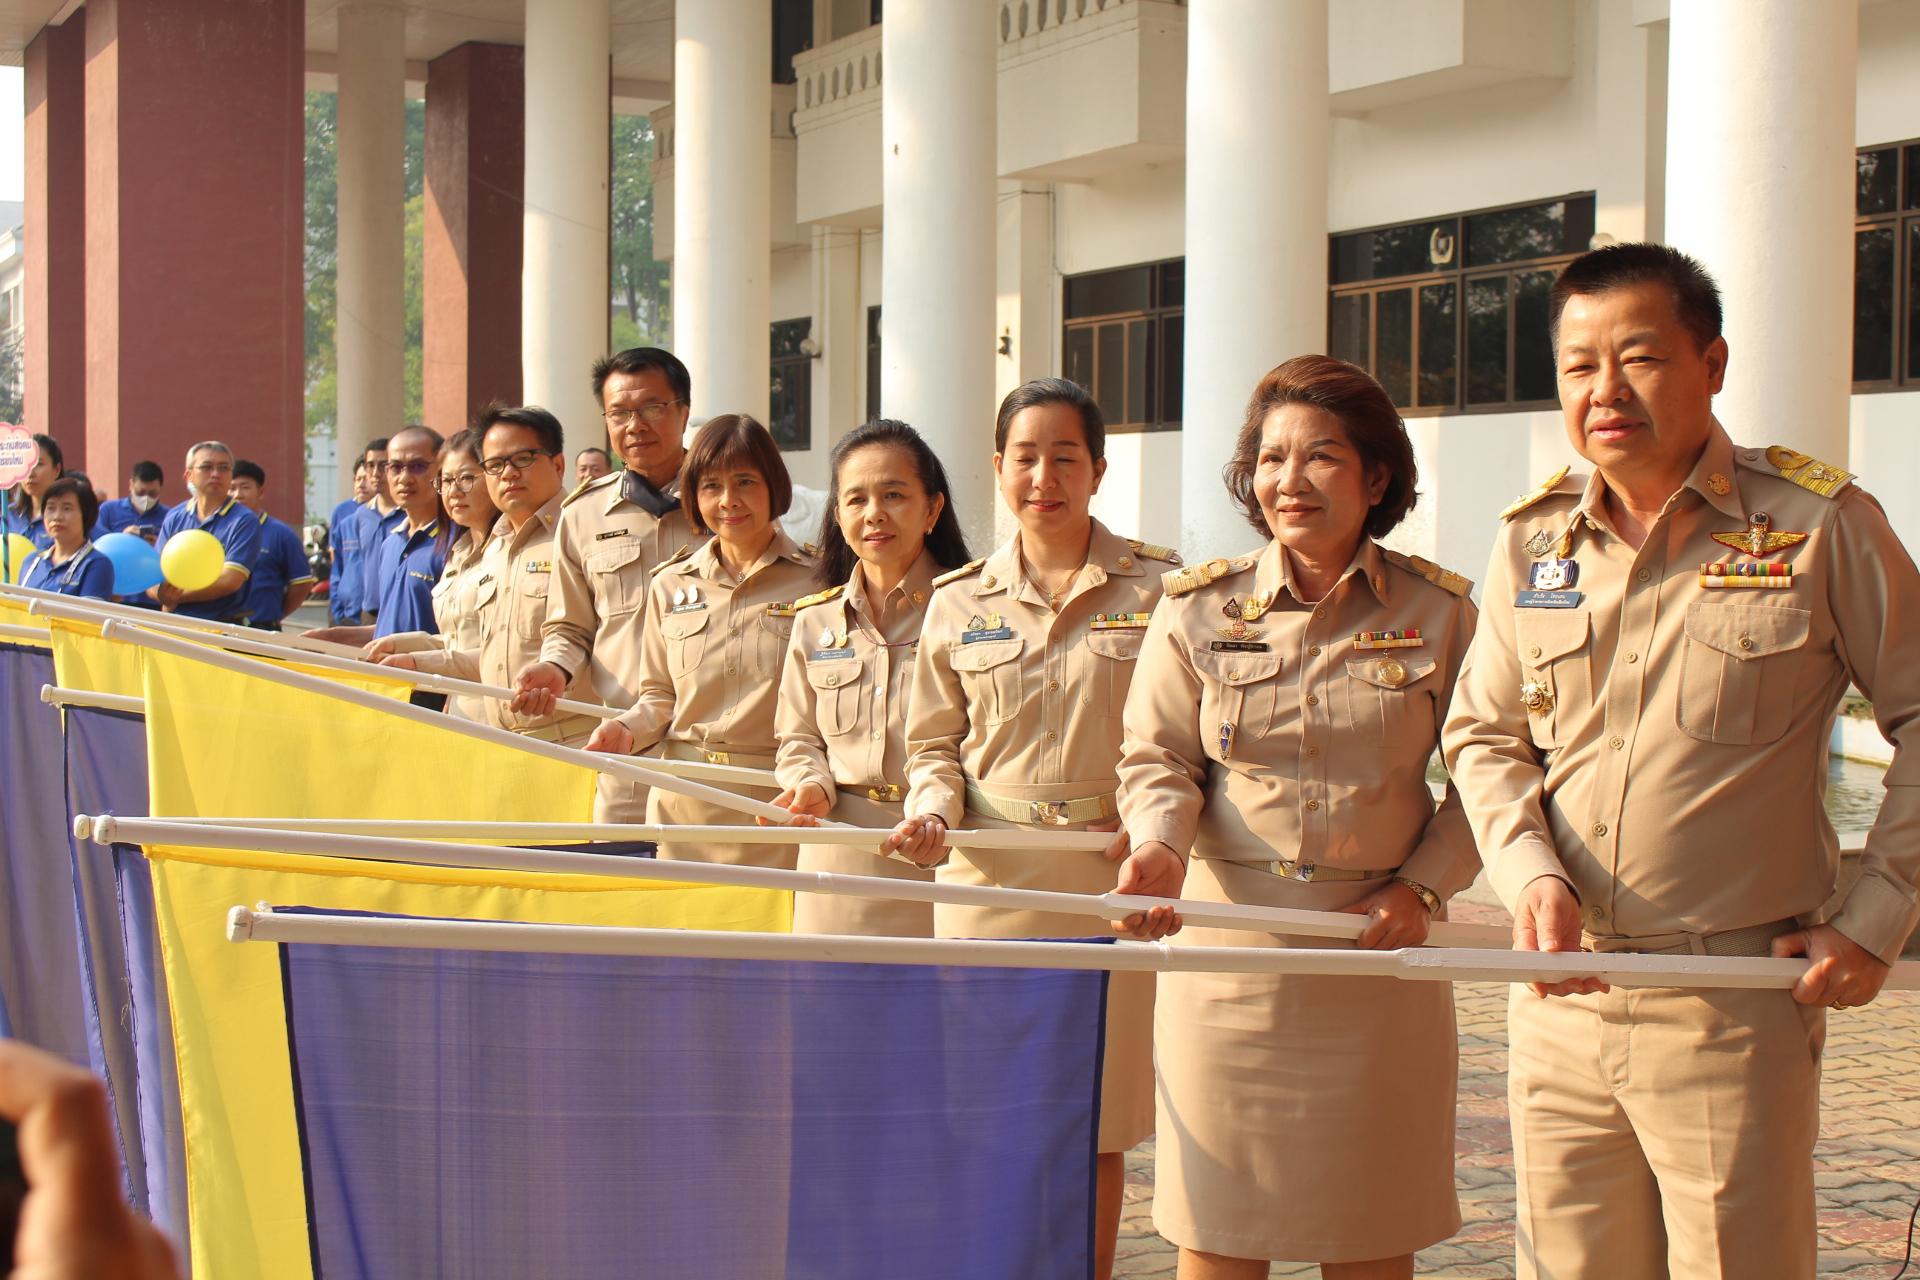 """วันที่ 8 มีนาคม 2564 นางสาวสรันยา สุวรรณวัฒน์ ผู้อำนวยการศูนย์ฟื้นฟูสมรรถภาพคนงานภาค 3 และเจ้าหน้าที่ พร้อมหัวหน้าส่วนราชการกระทรวงแรงงาน ร่วมเป็นเกียรติในการเปิดงานและปล่อยขบวนรถคาราวาน """"โครงการ ม33 เรารักกัน"""""""